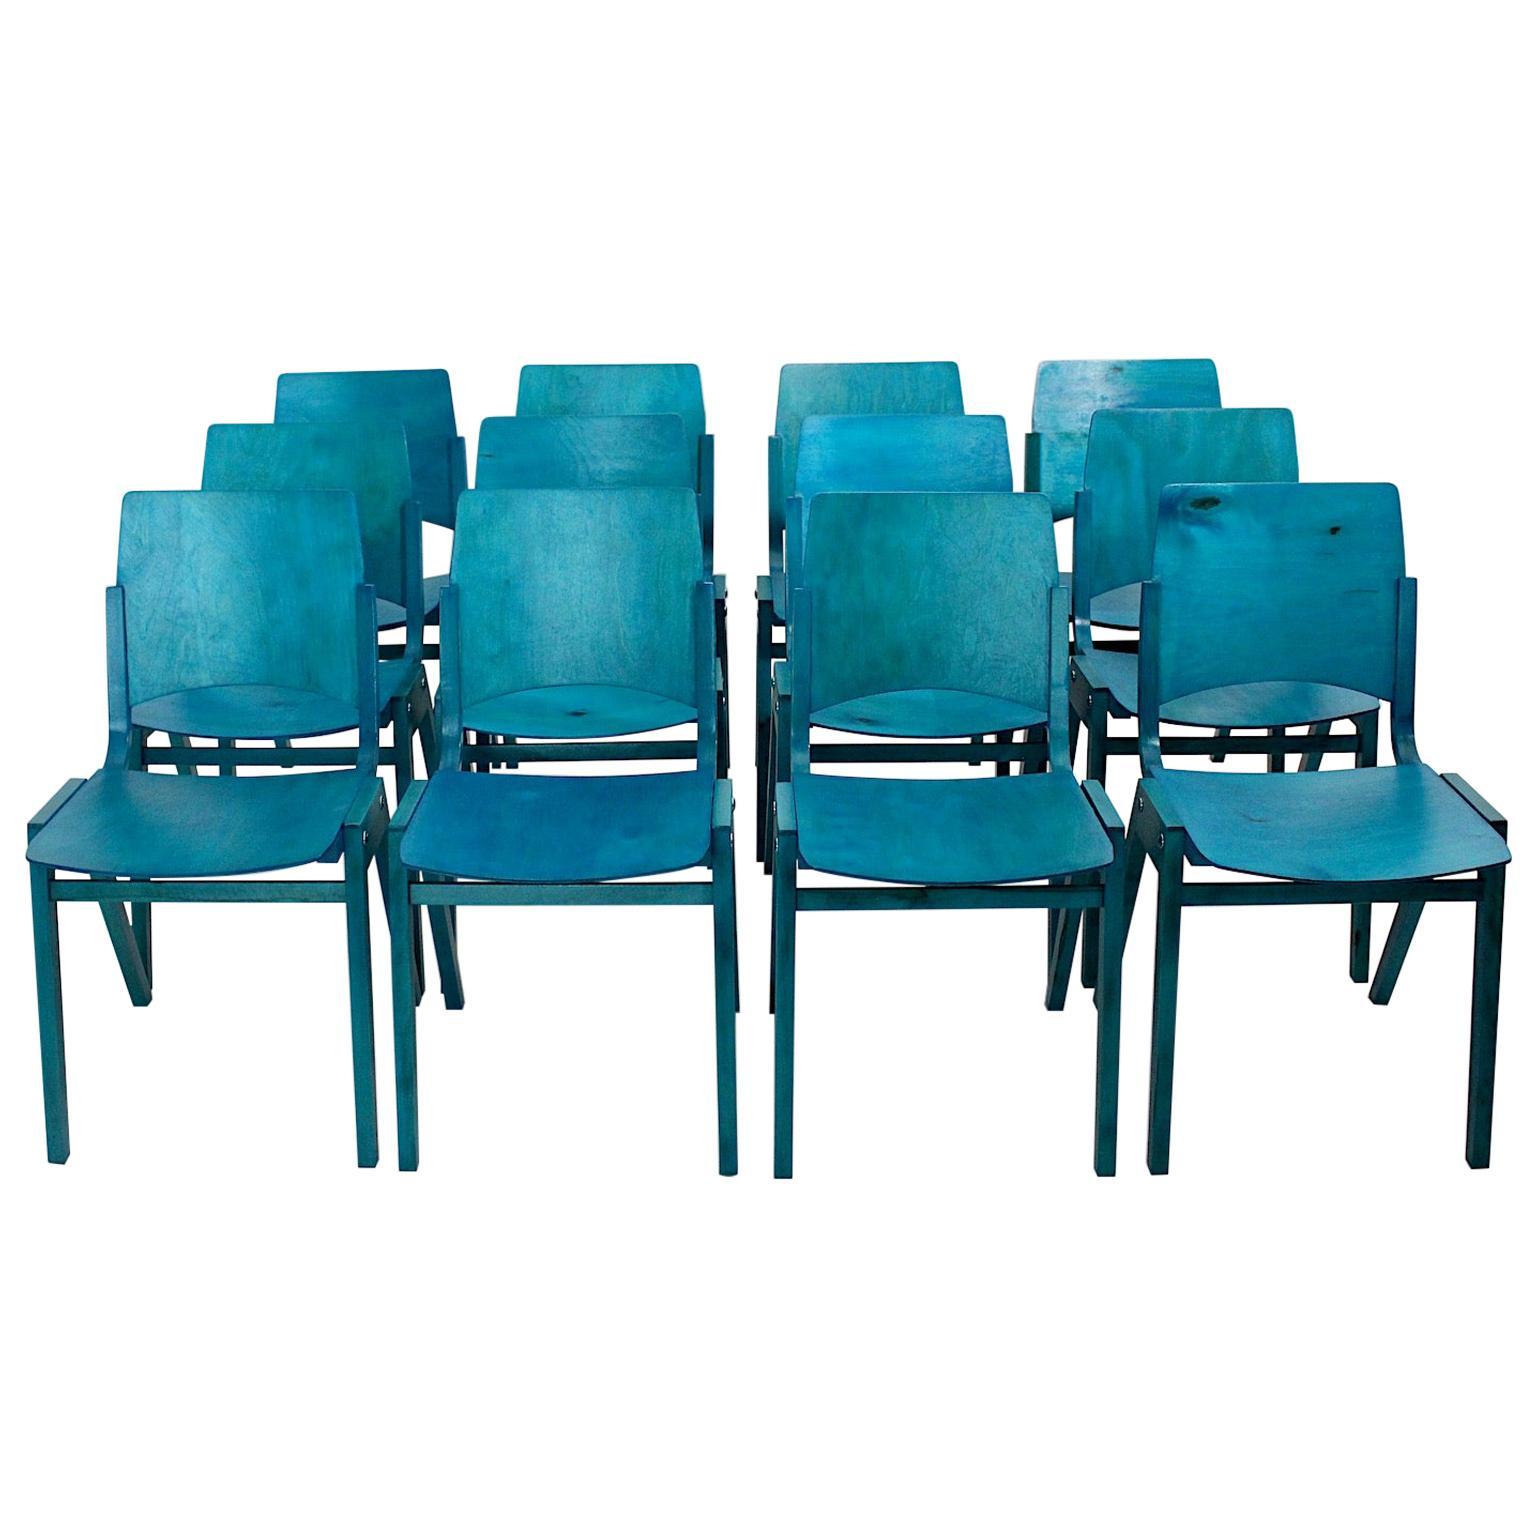 Roland Rainer Mid-Century Modern Twelve Blue Vintage Dining Chairs, Vienna, 1952